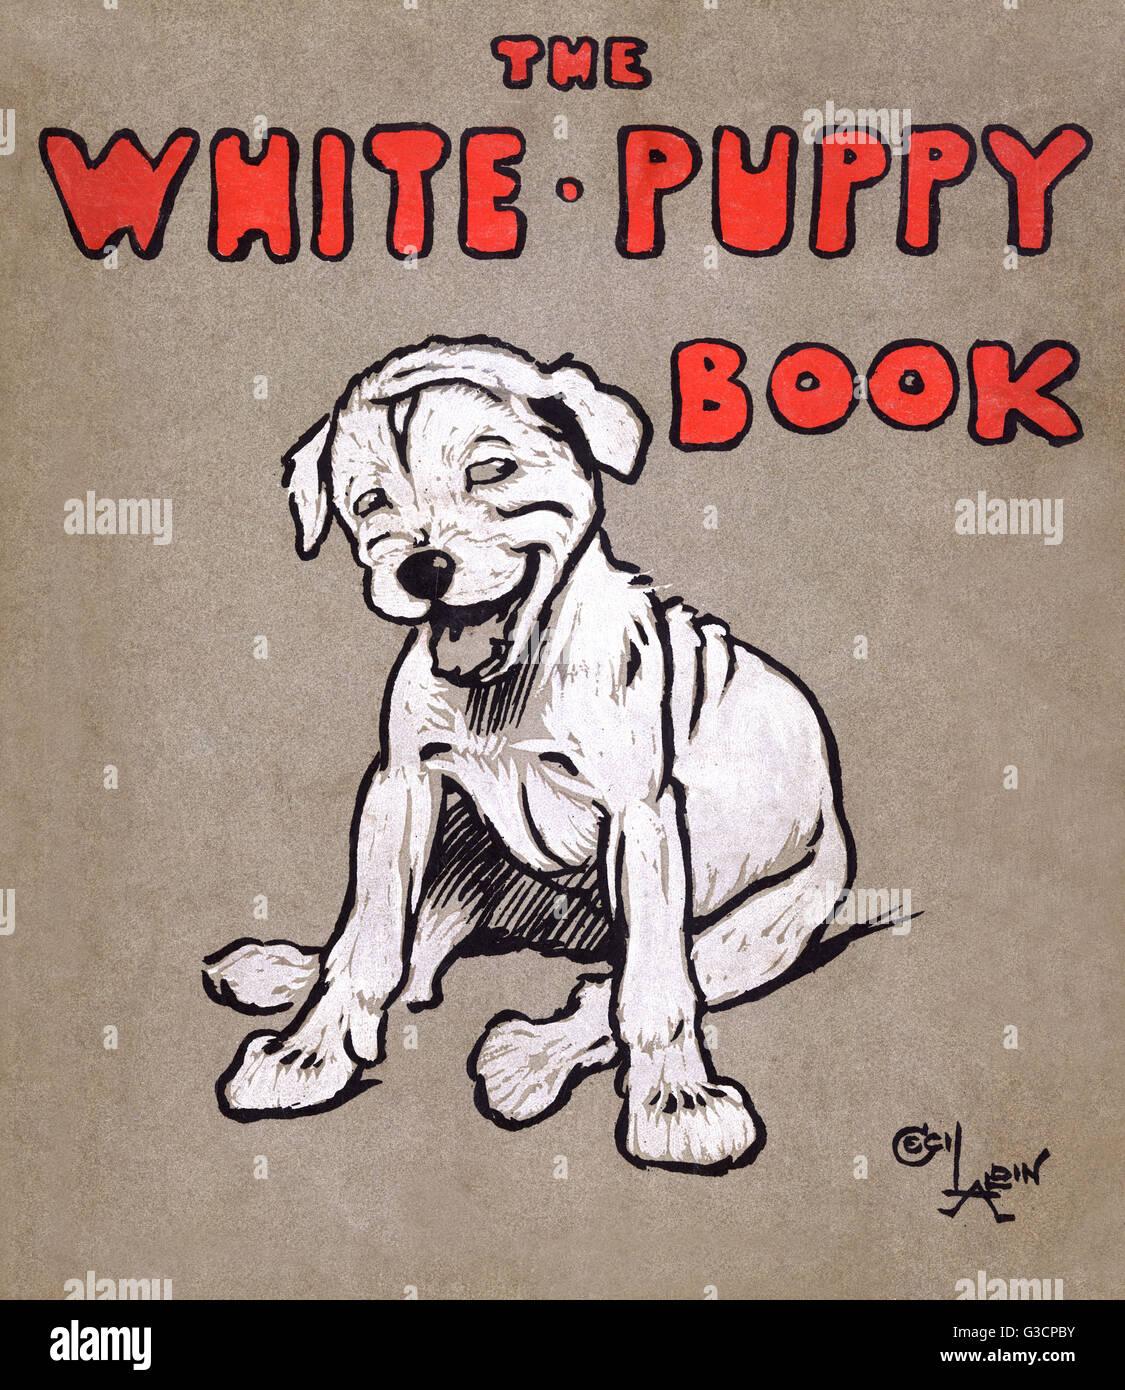 Cover design by Cecil Aldin, The White Puppy Book.      Date: 1909 - Stock Image